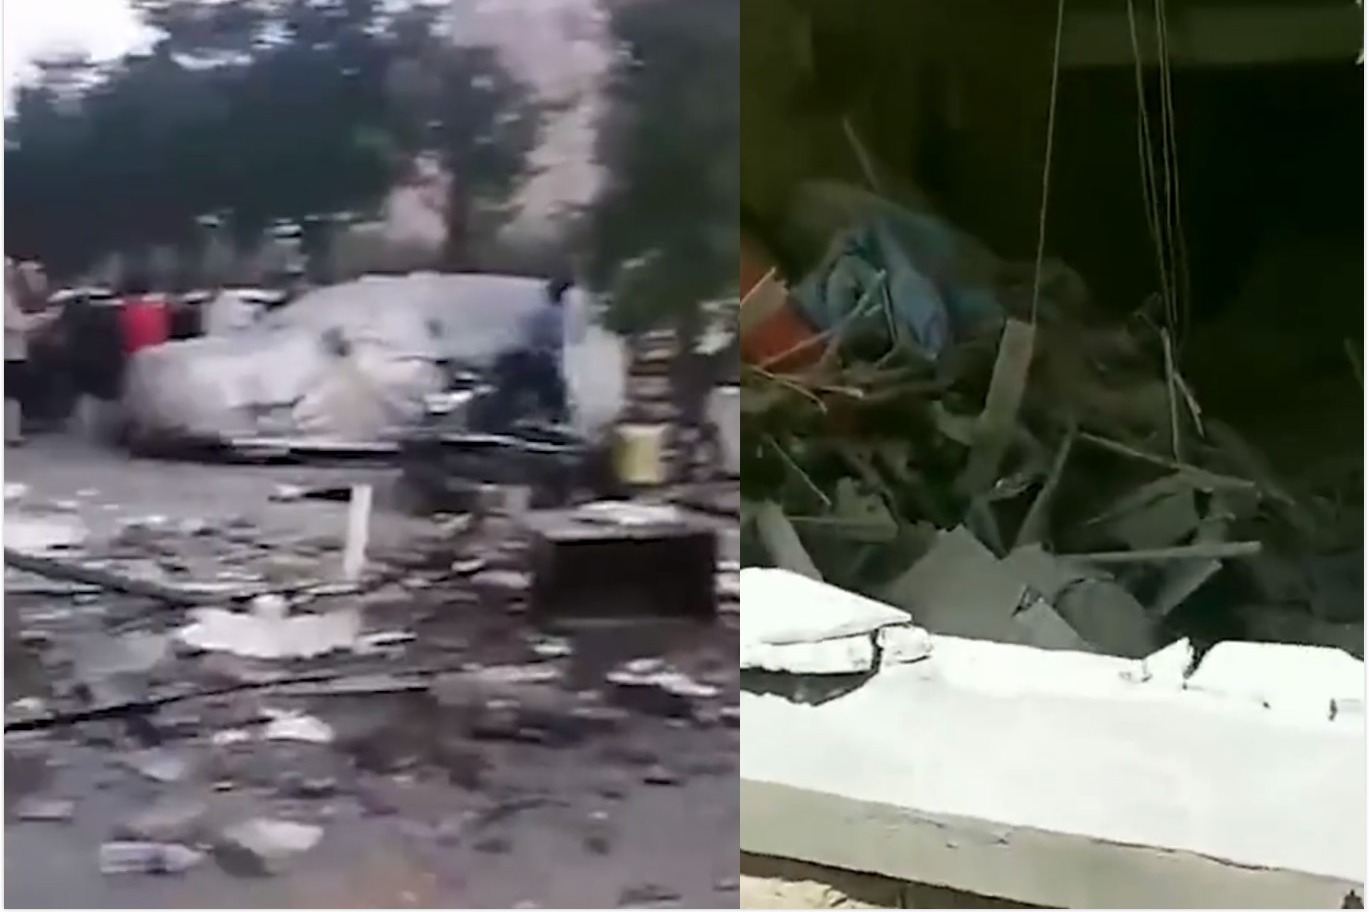 辽宁一餐馆疑似煤气罐爆炸,目击者:树被炸了,车也被炸了